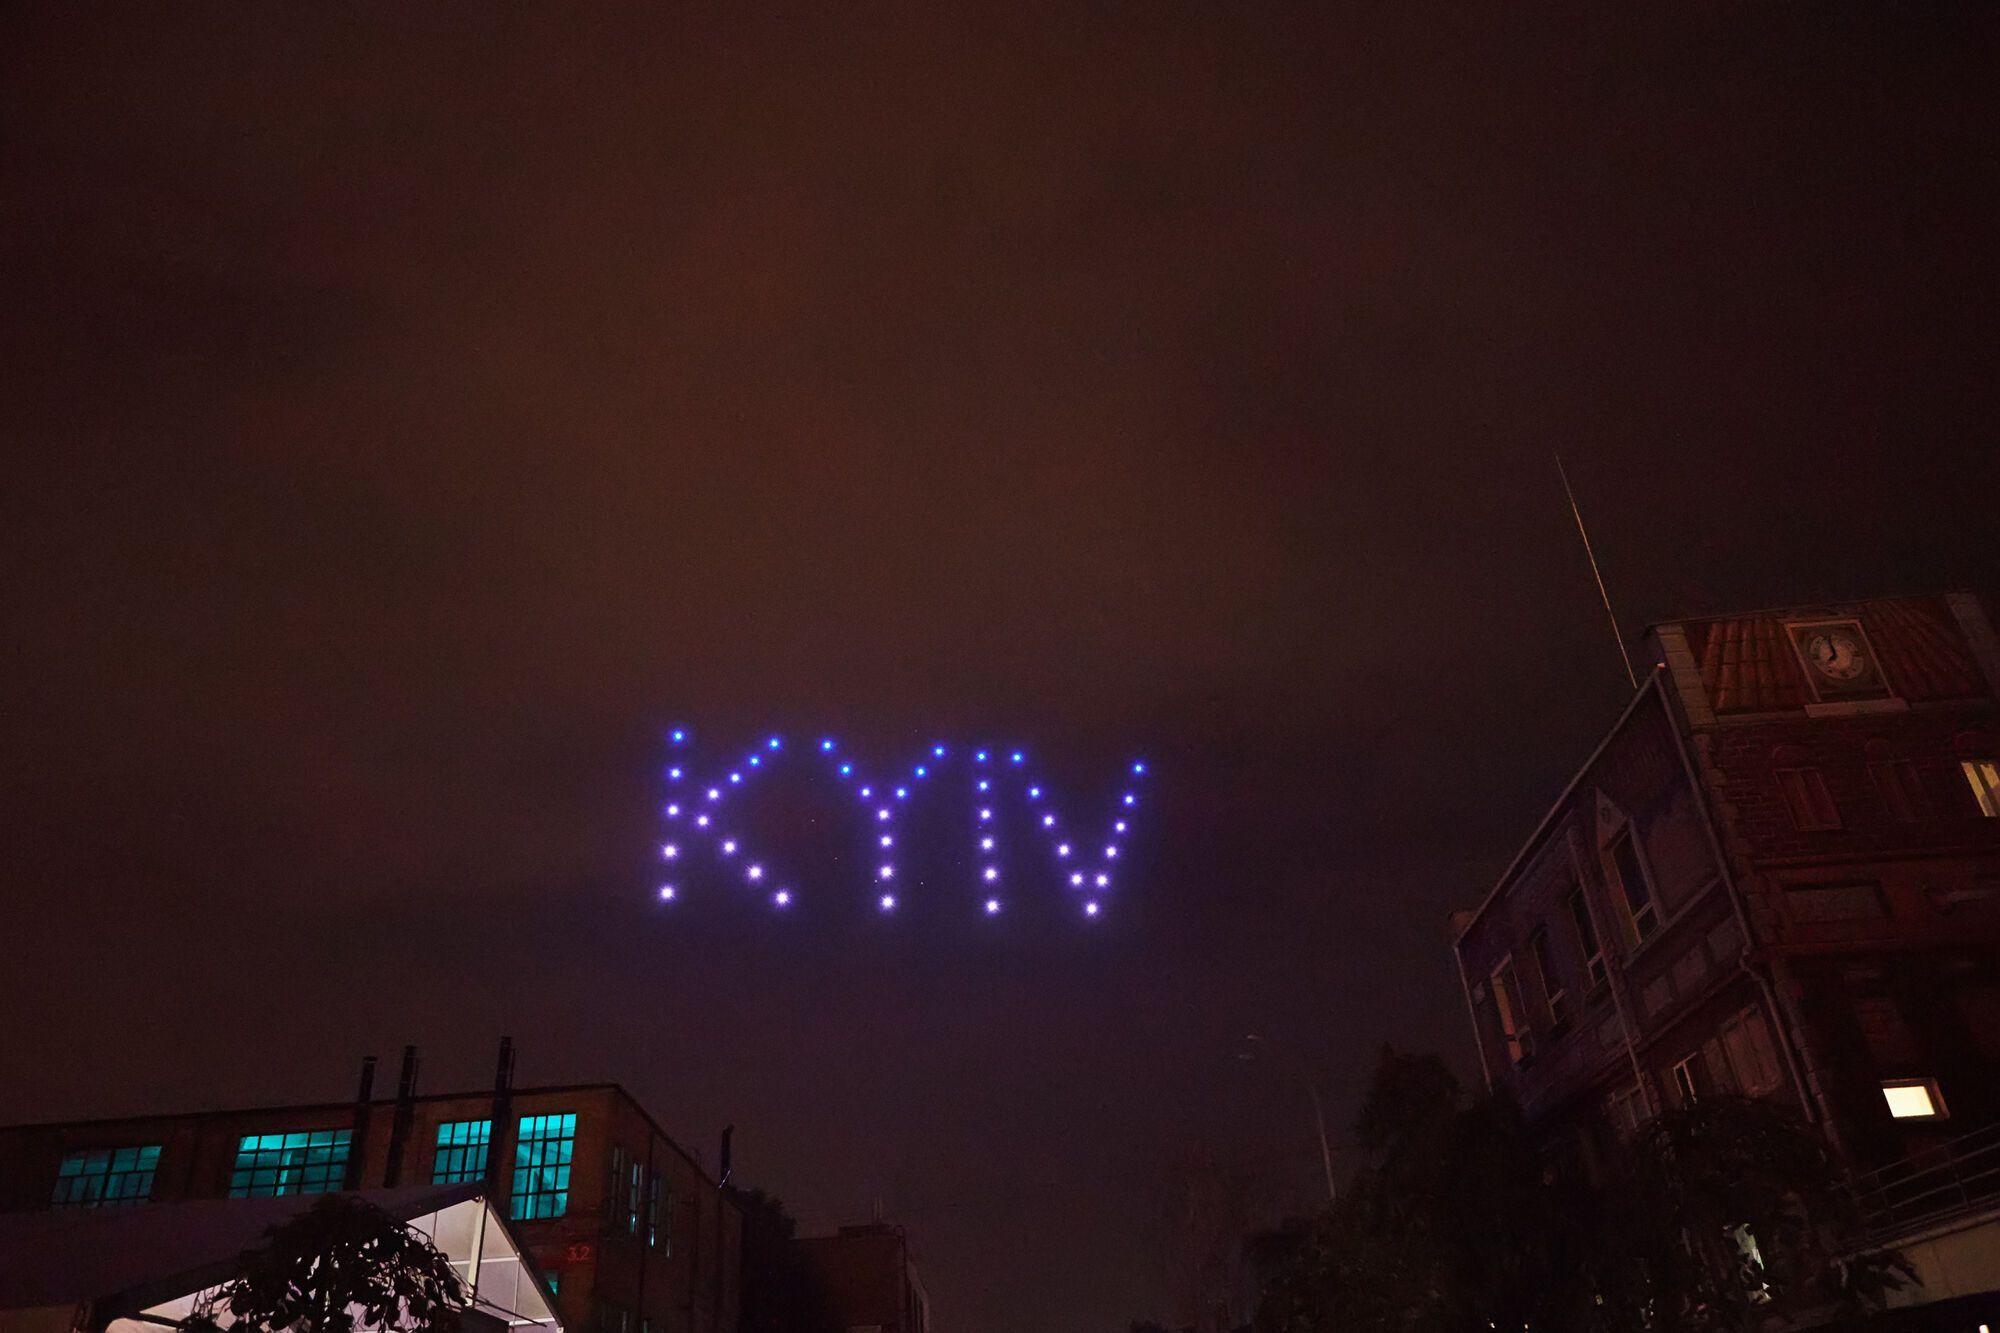 В Киеве устроили невероятное световое шоу с 60 беспилотников. Фото